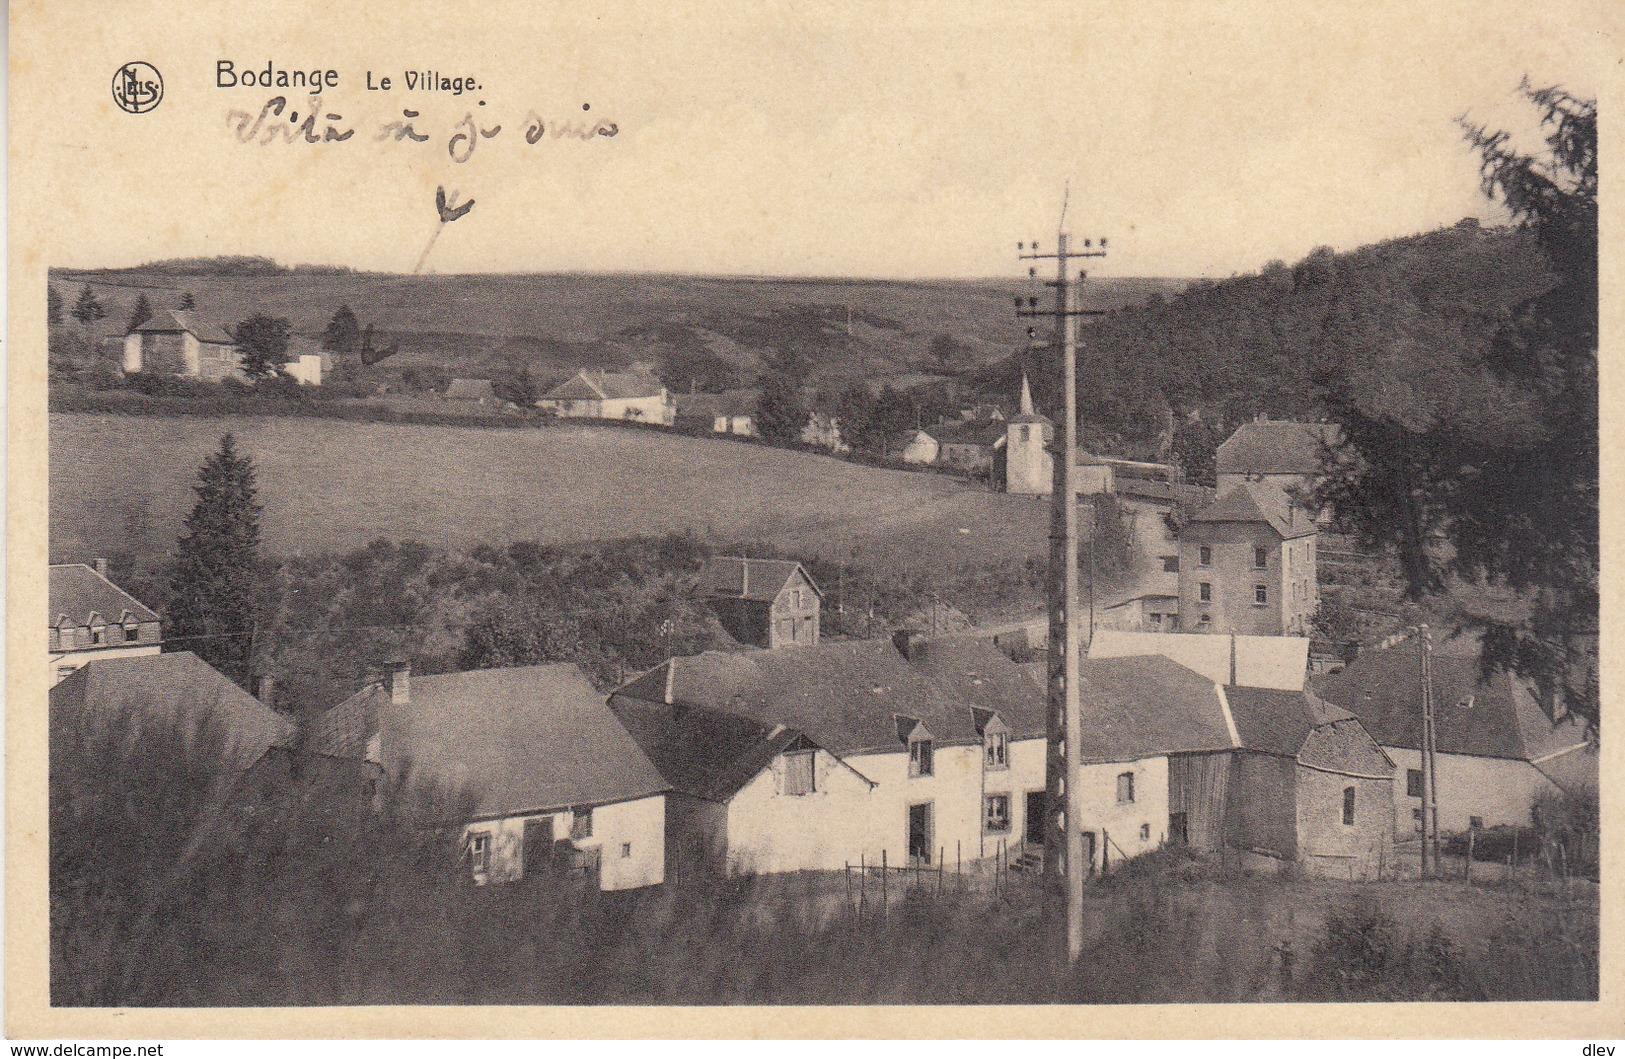 Bodange Le Village - 1939 - Edit. Golière-Melmer/Nels - Fauvillers